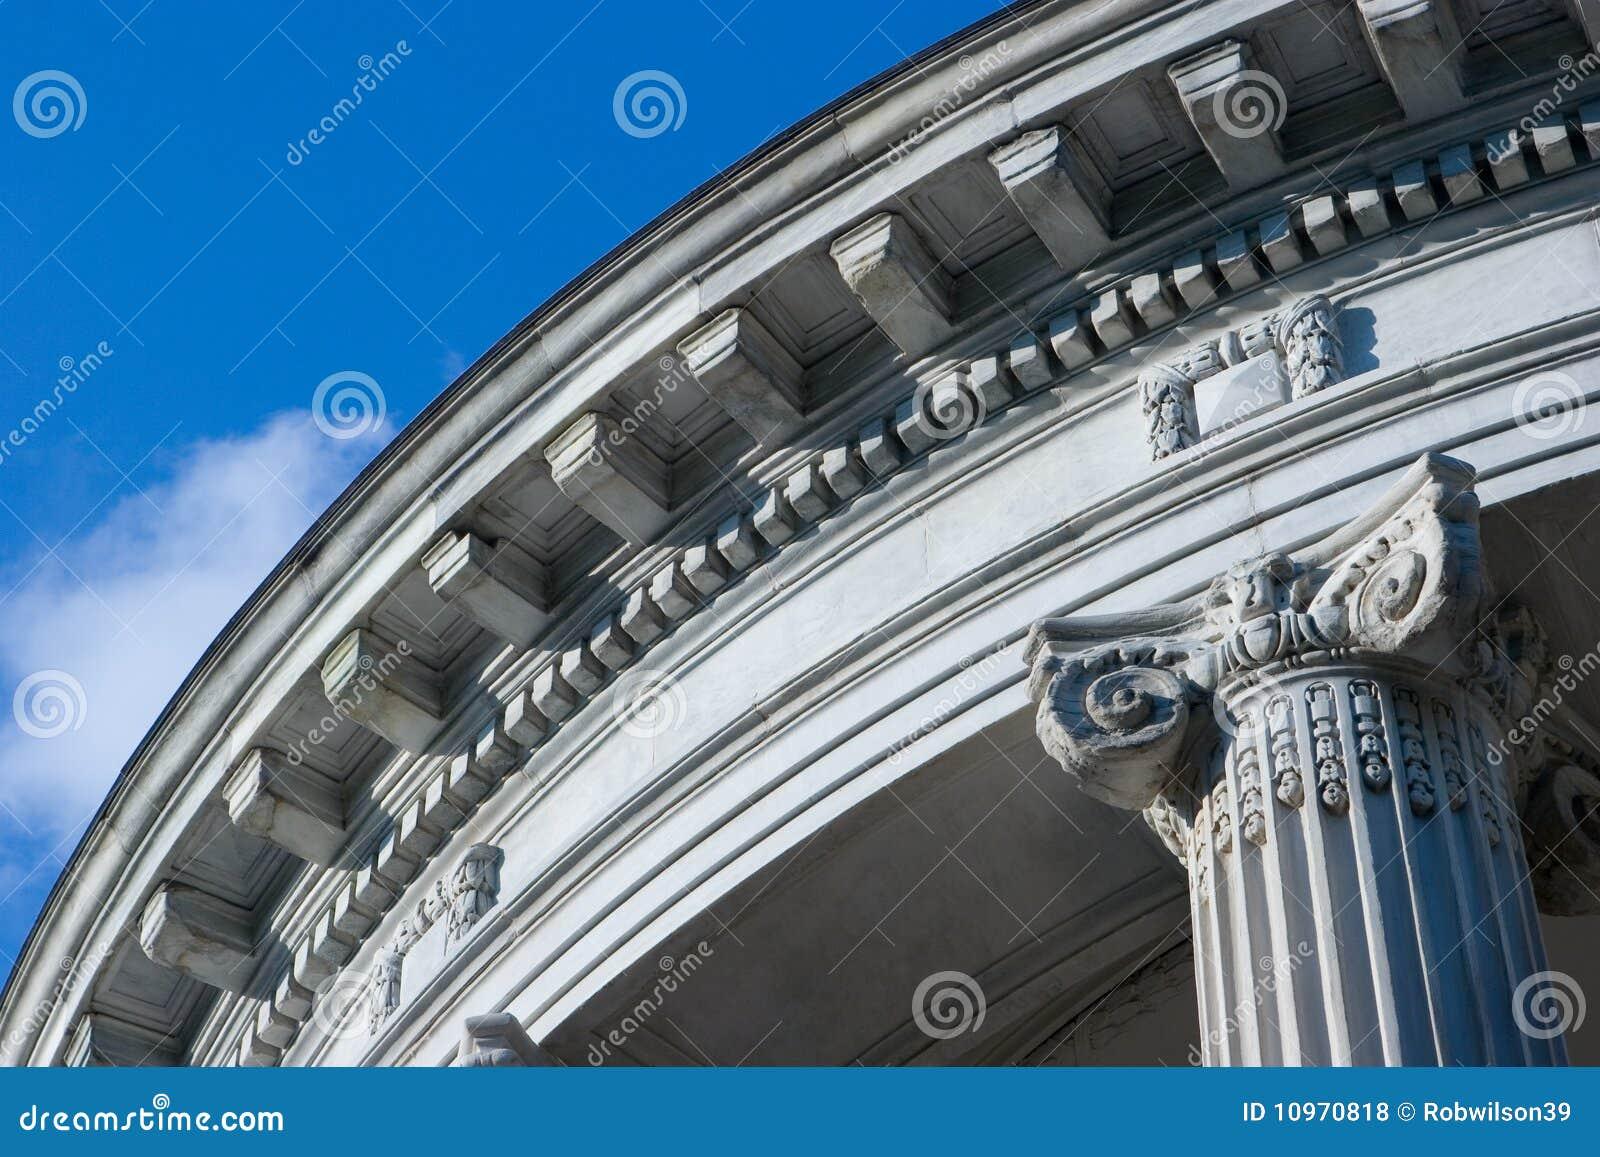 Neo architettura classica fotografia stock immagine di for Architettura classica